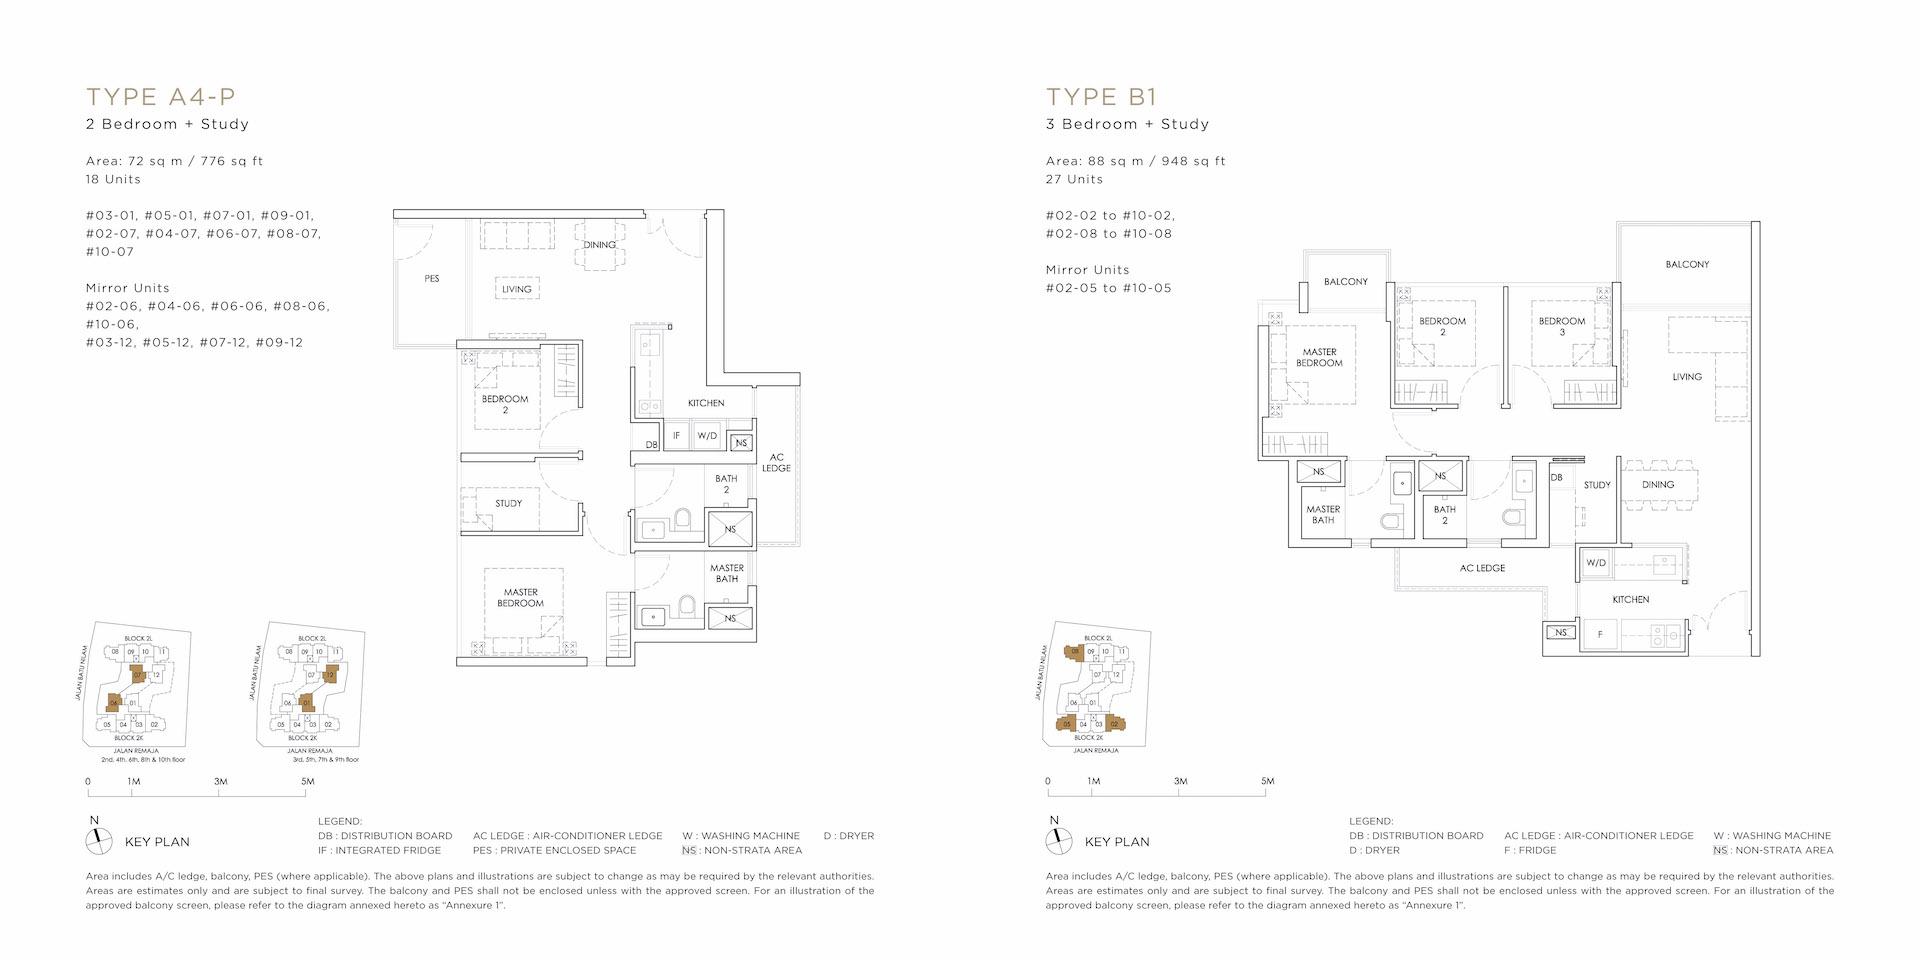 A4 PB1 FloorPlan - MONT BOTANIK RESIDENCE